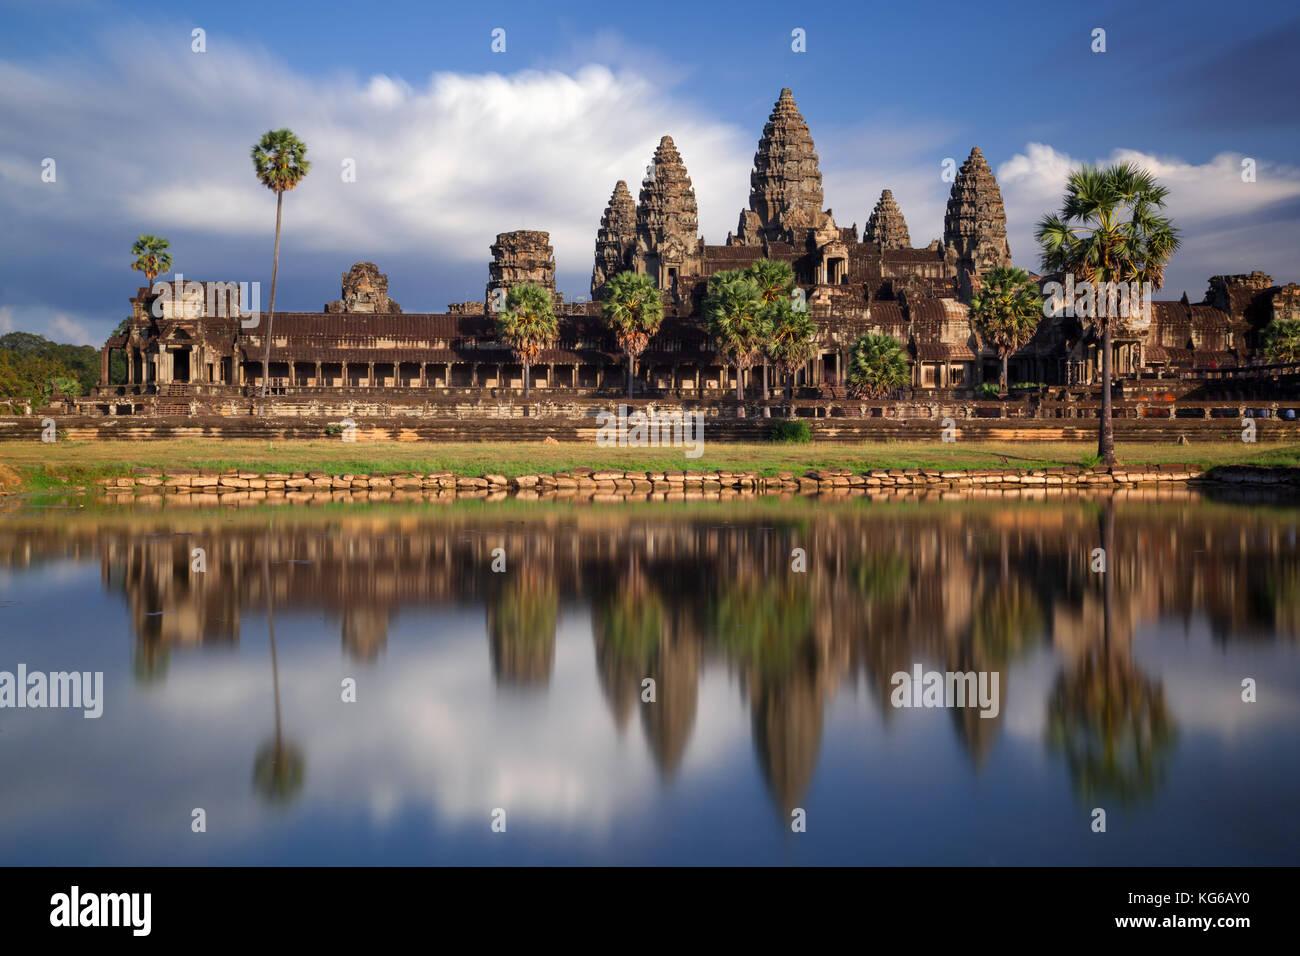 Una larga exposición imagen de Angkor Wat, Camboya Imagen De Stock